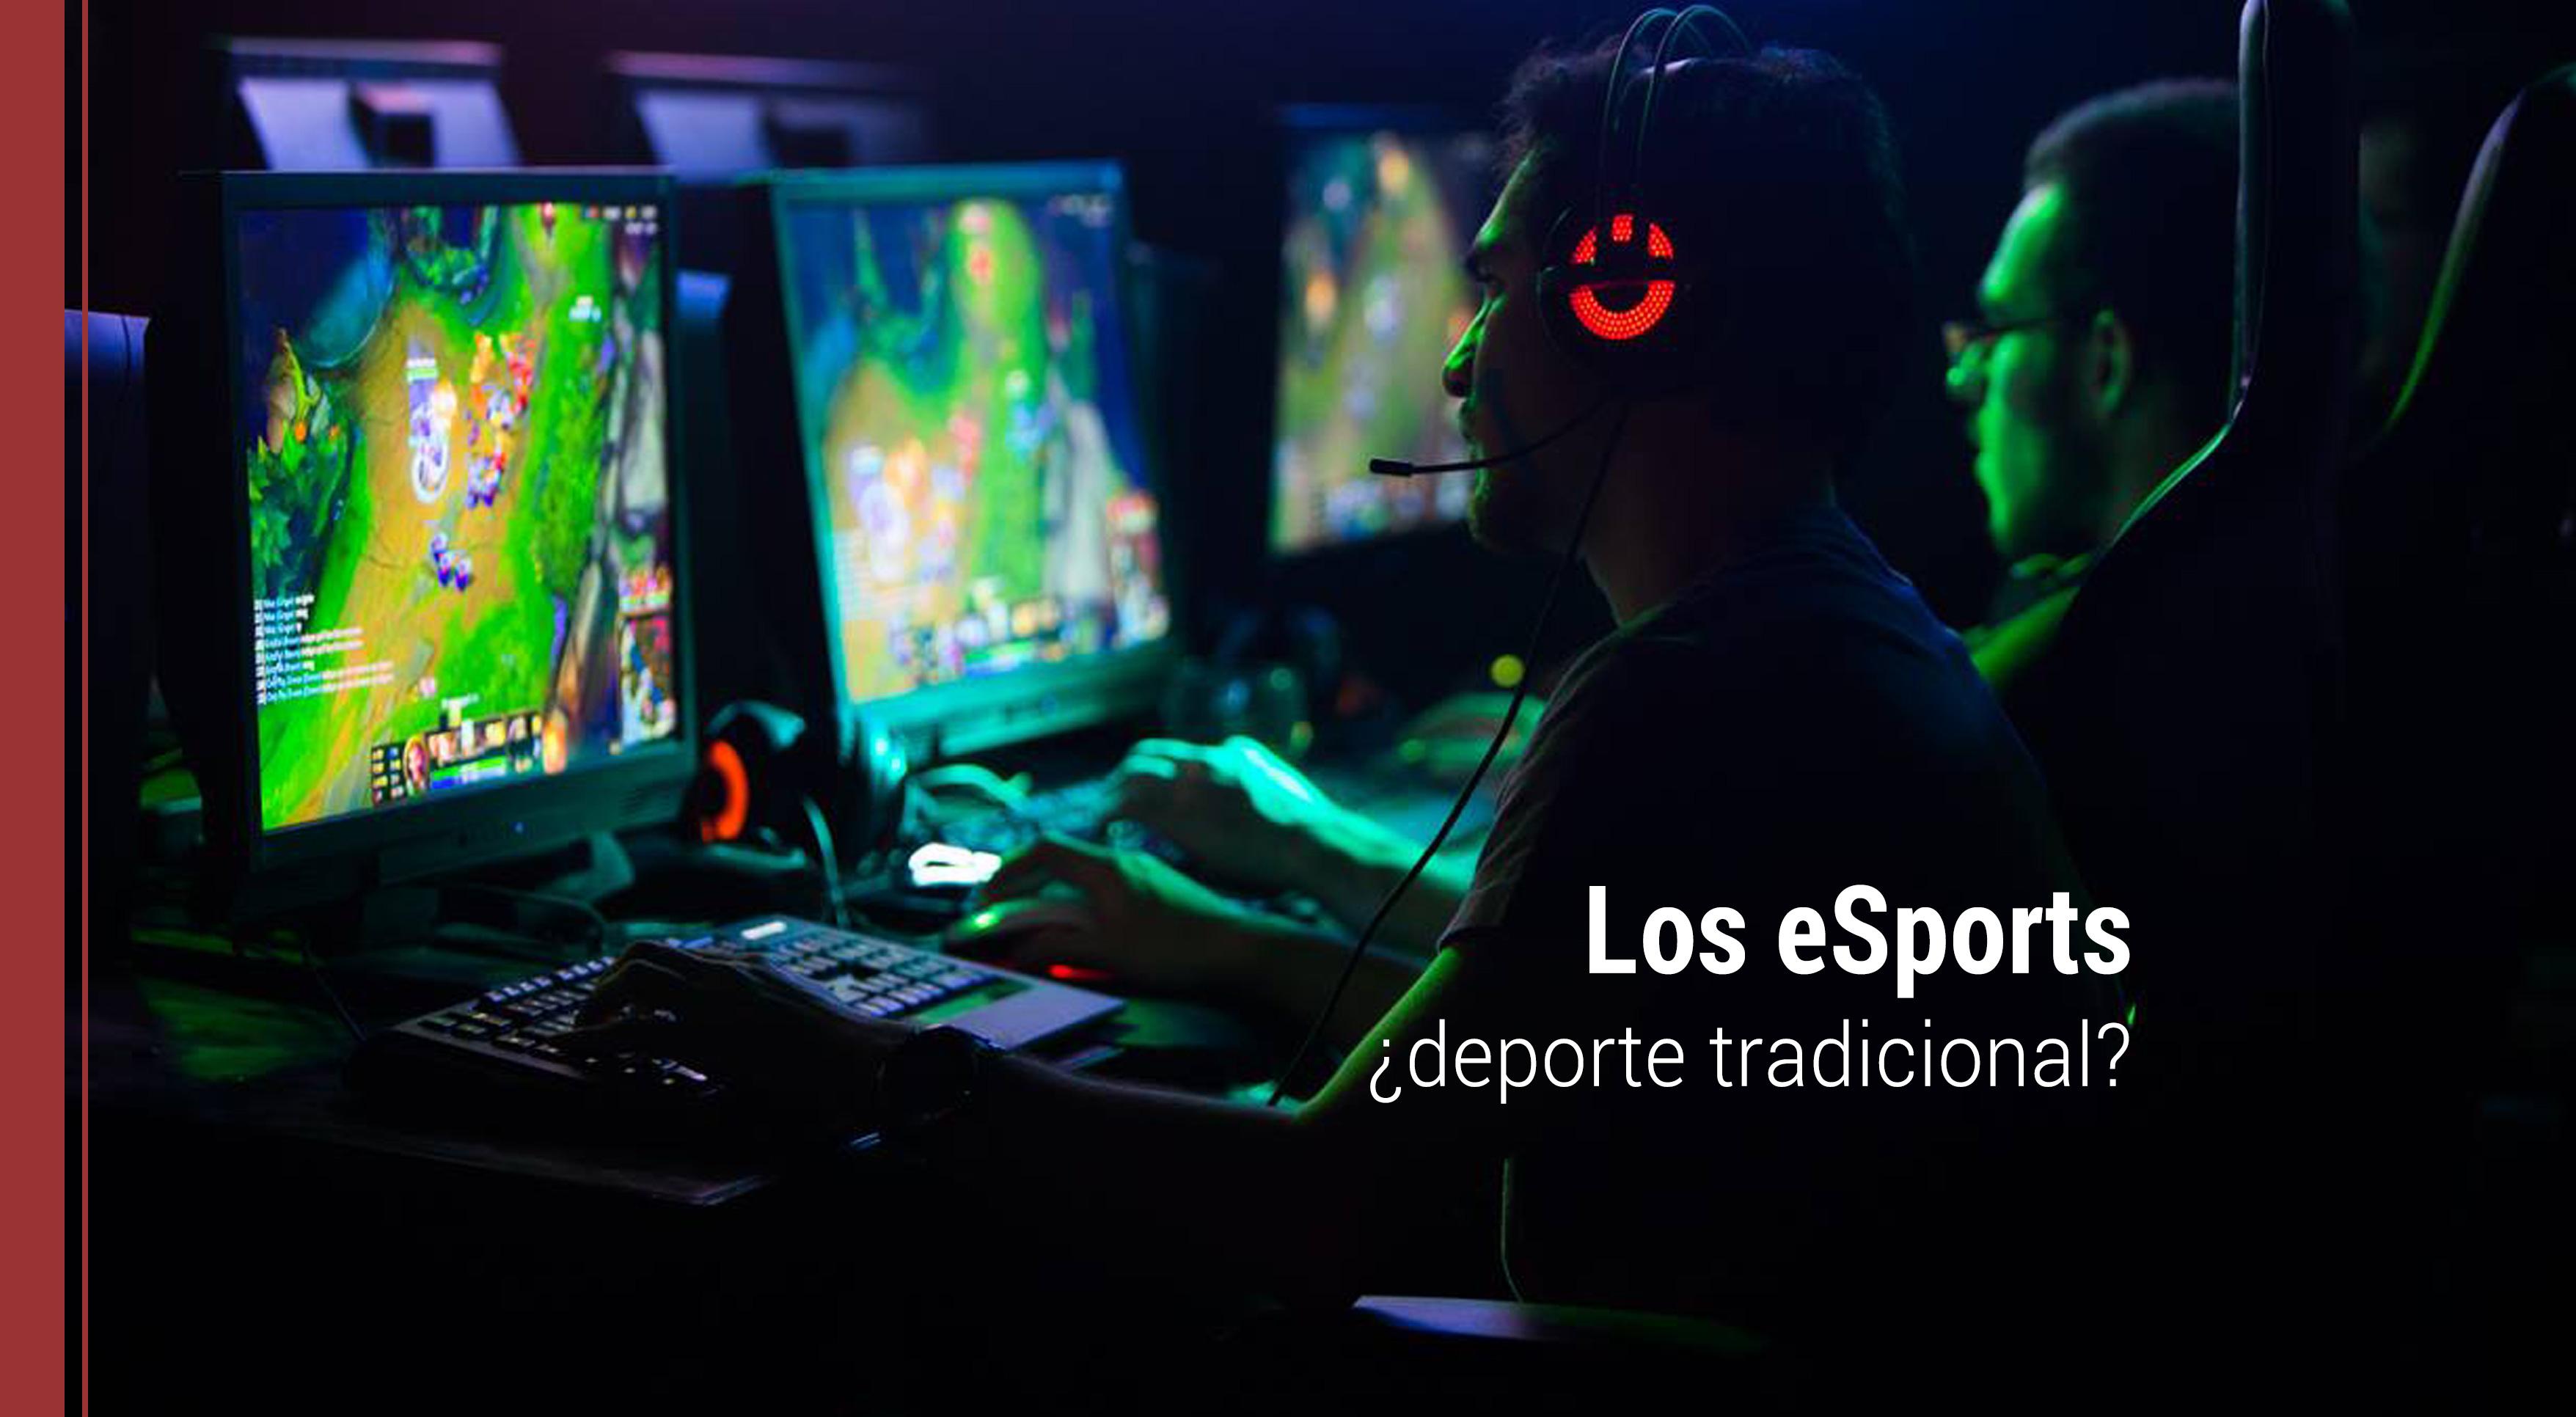 esports-considerados-deporte Los eSports pueden ser considerados deporte